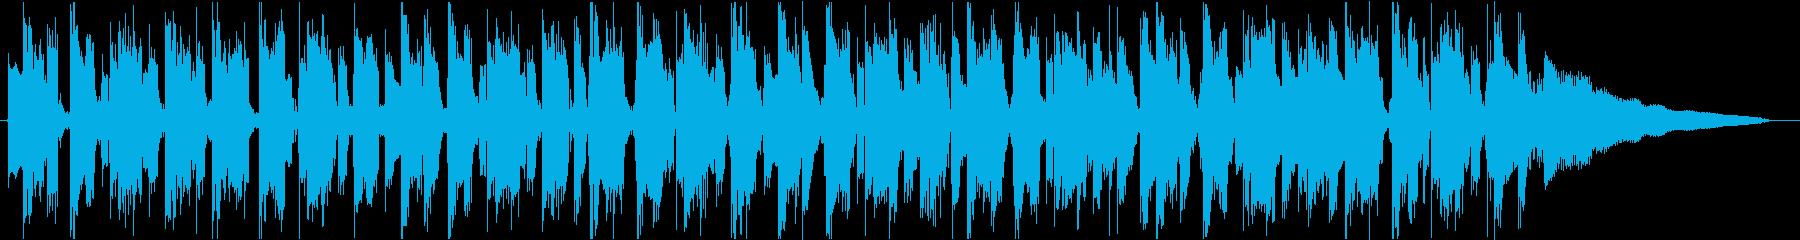 切ない系オシャレトラックの再生済みの波形